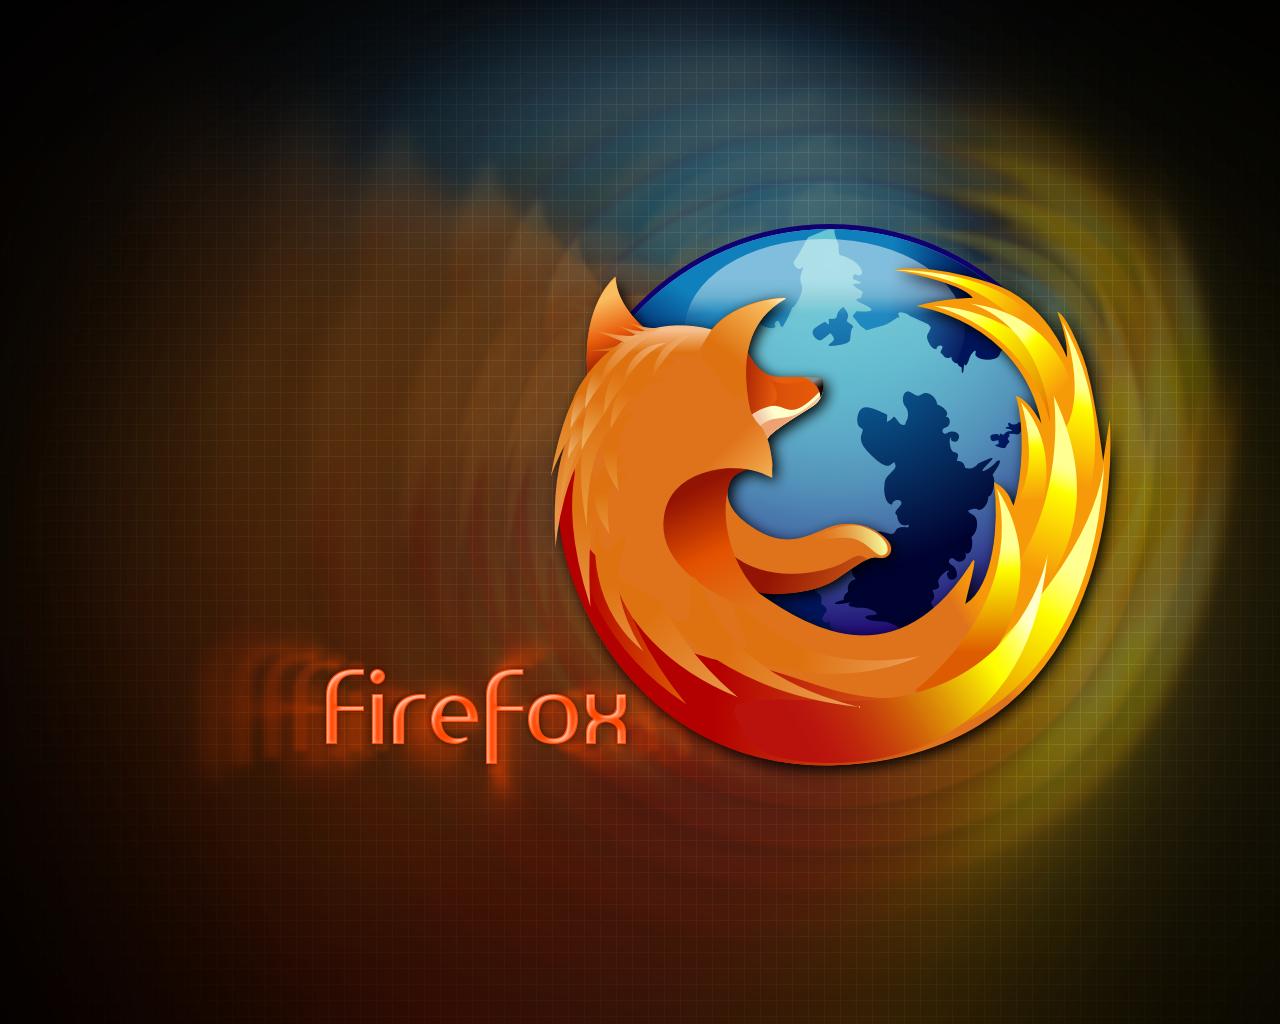 firefox hd wallpapers download firefox hd desktop